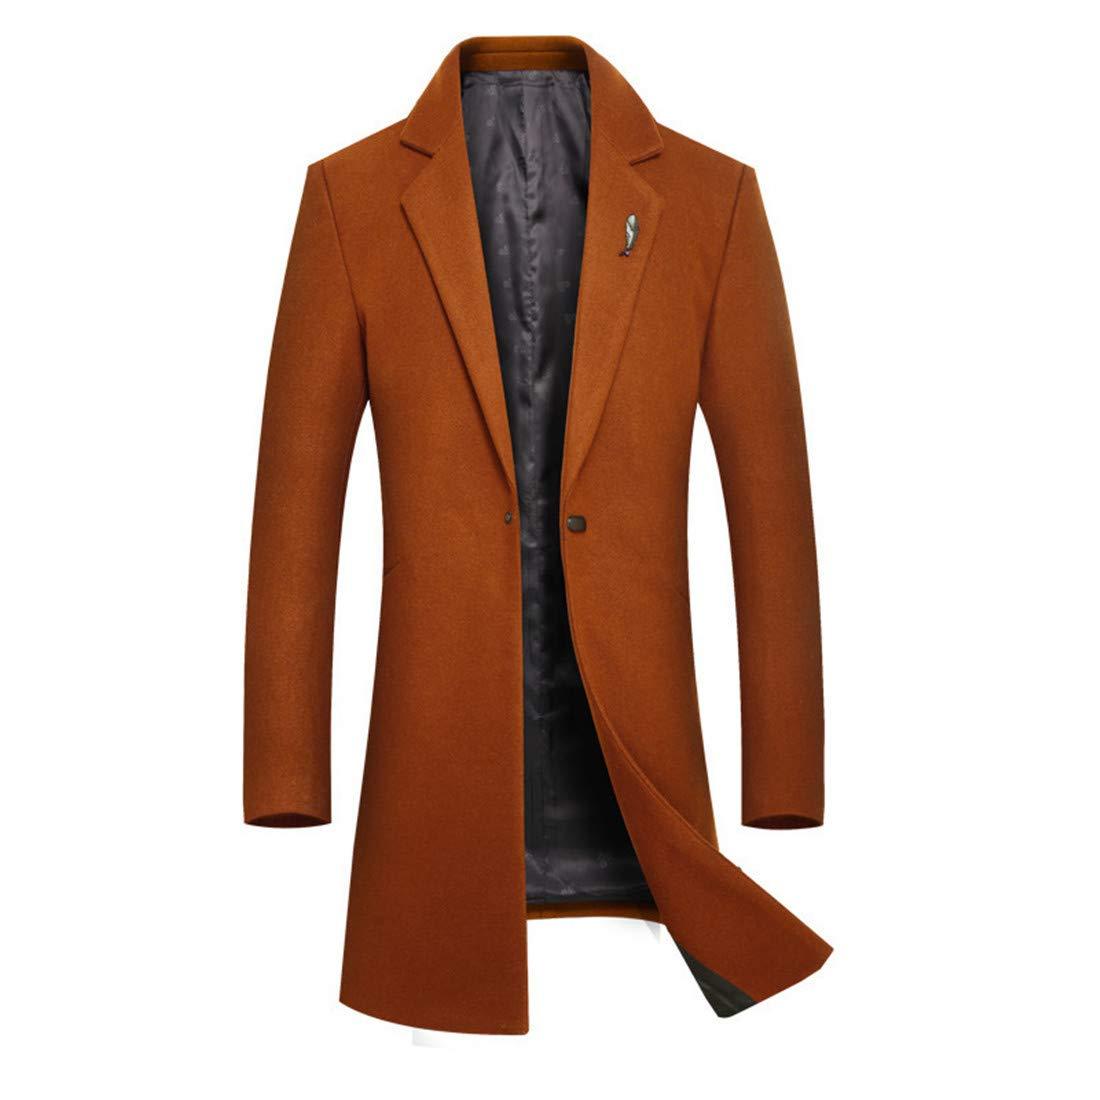 CAI&HONG-GUO GCH Winterbekleidung, Langer Abschnitt für Männer, Wolle